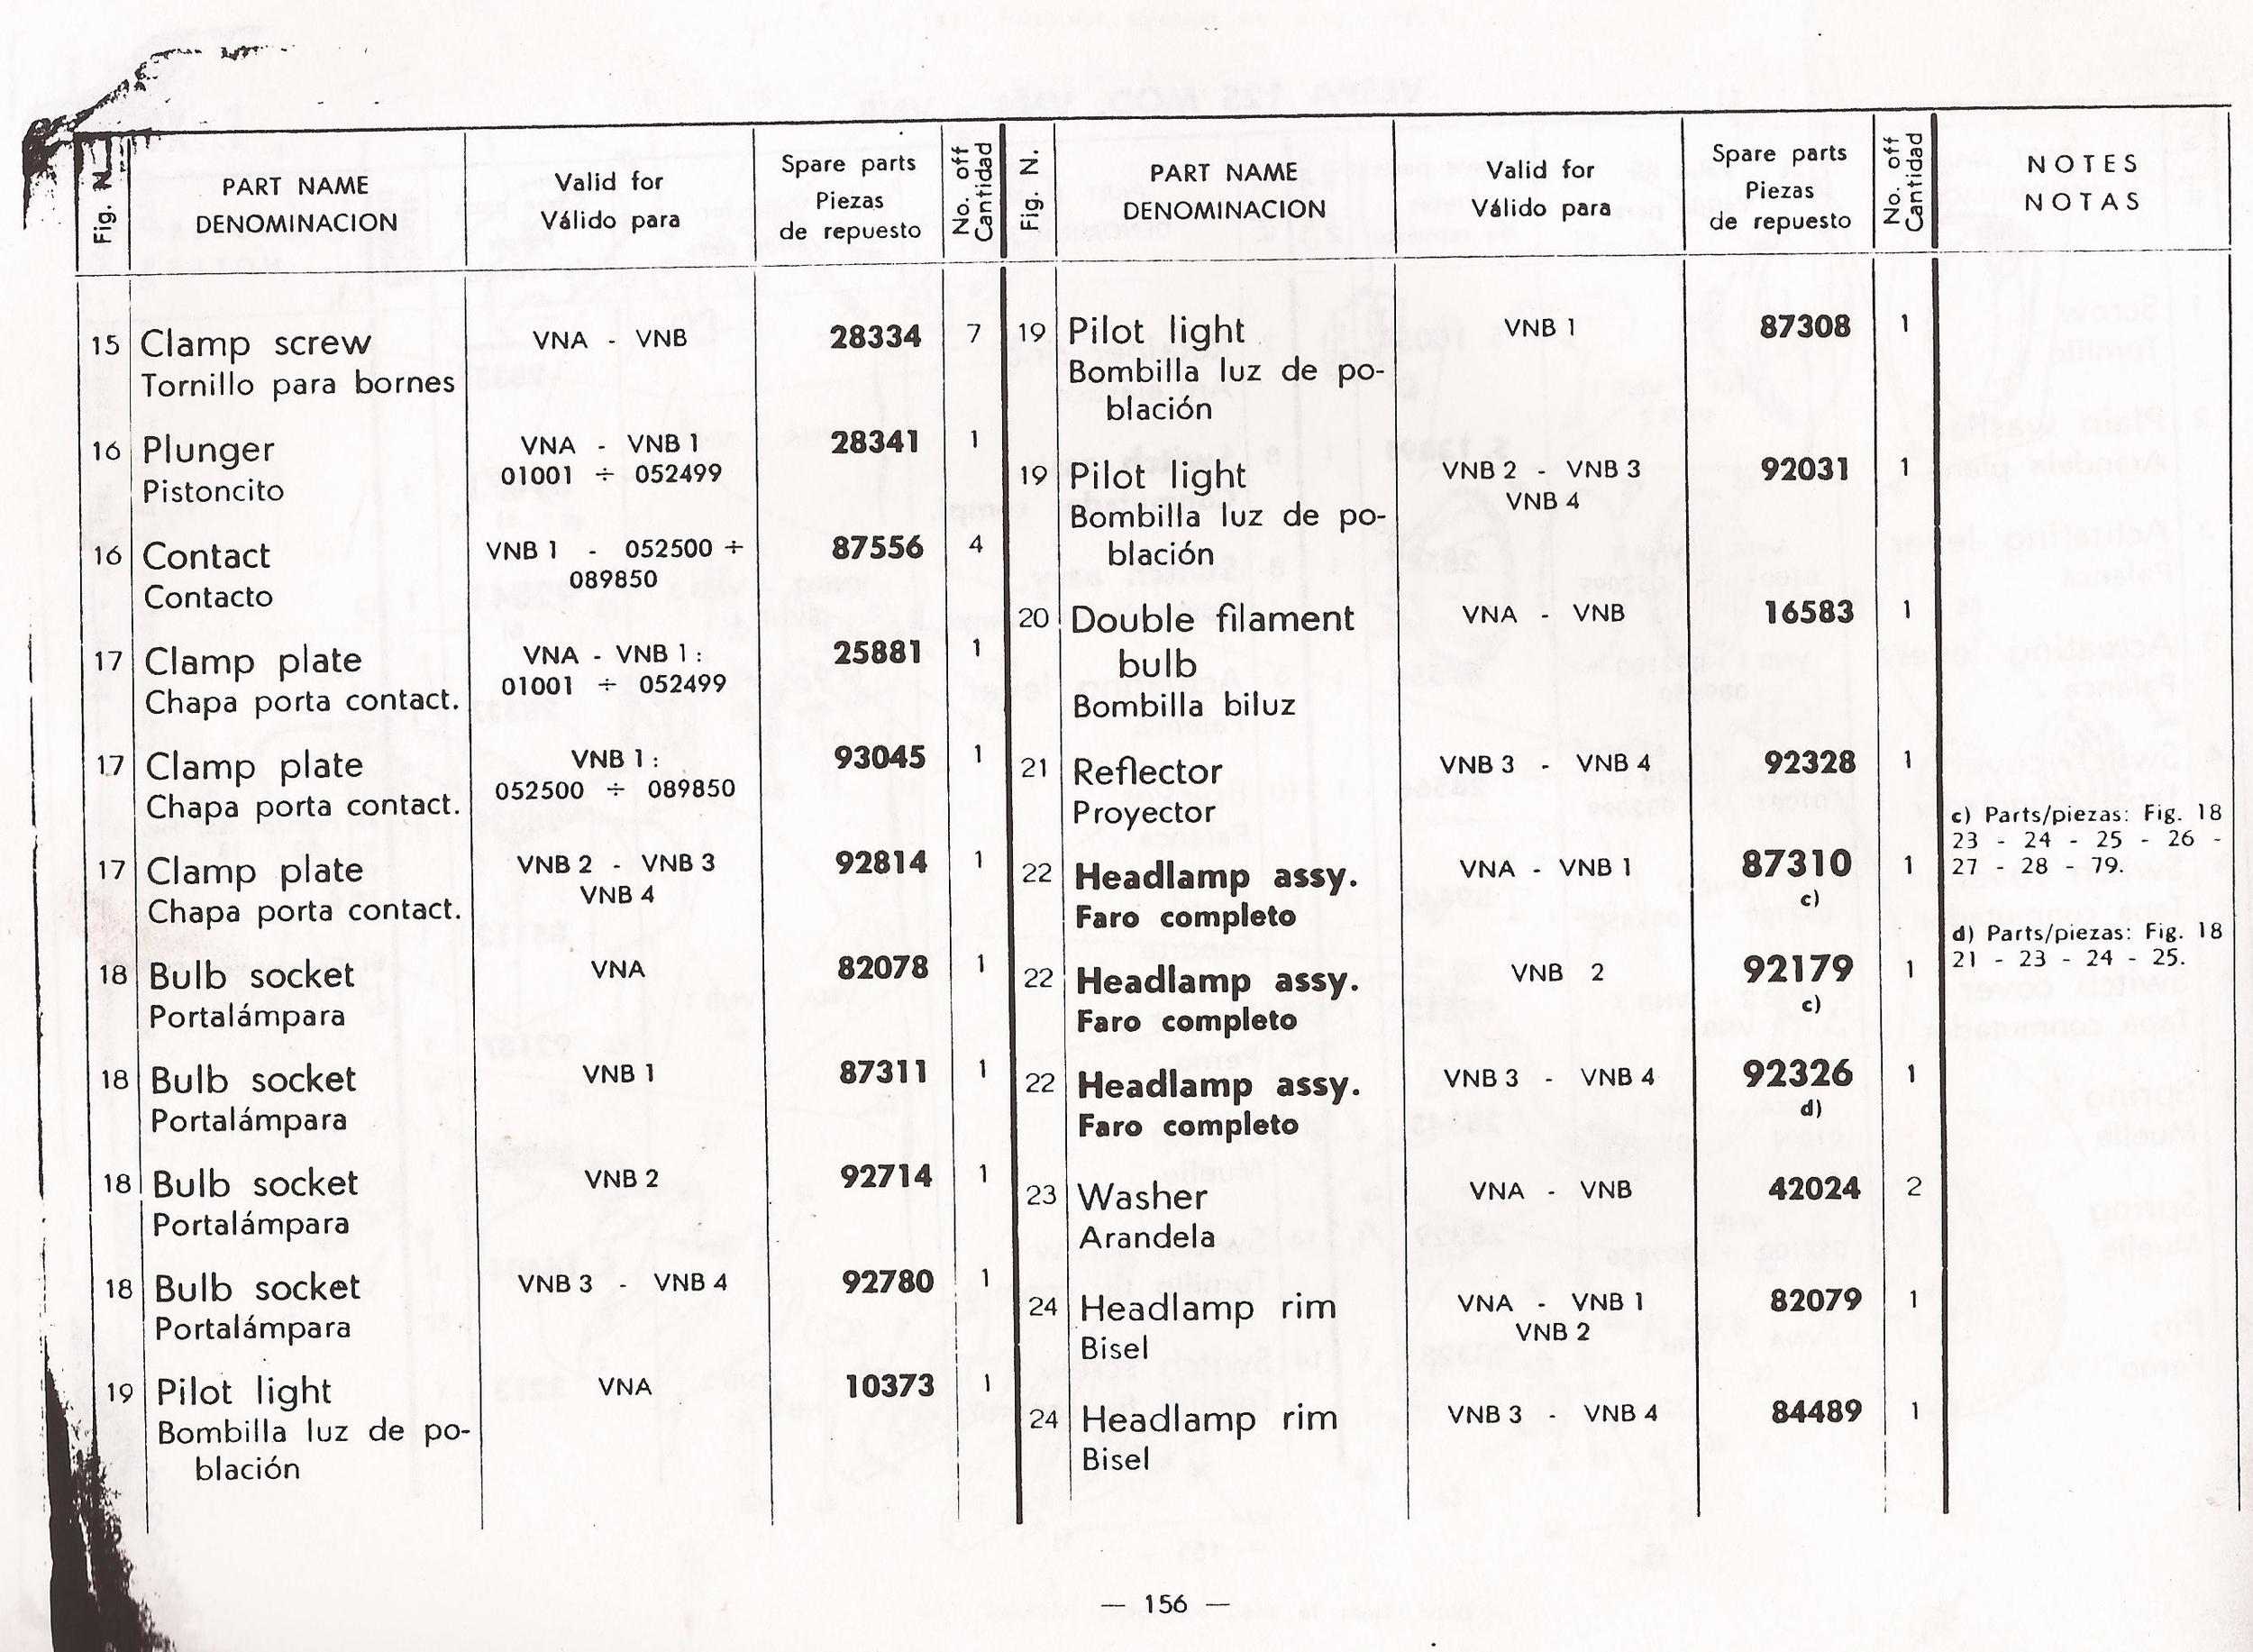 07-16-2013 vespa 125 catalog manuel 165.jpg